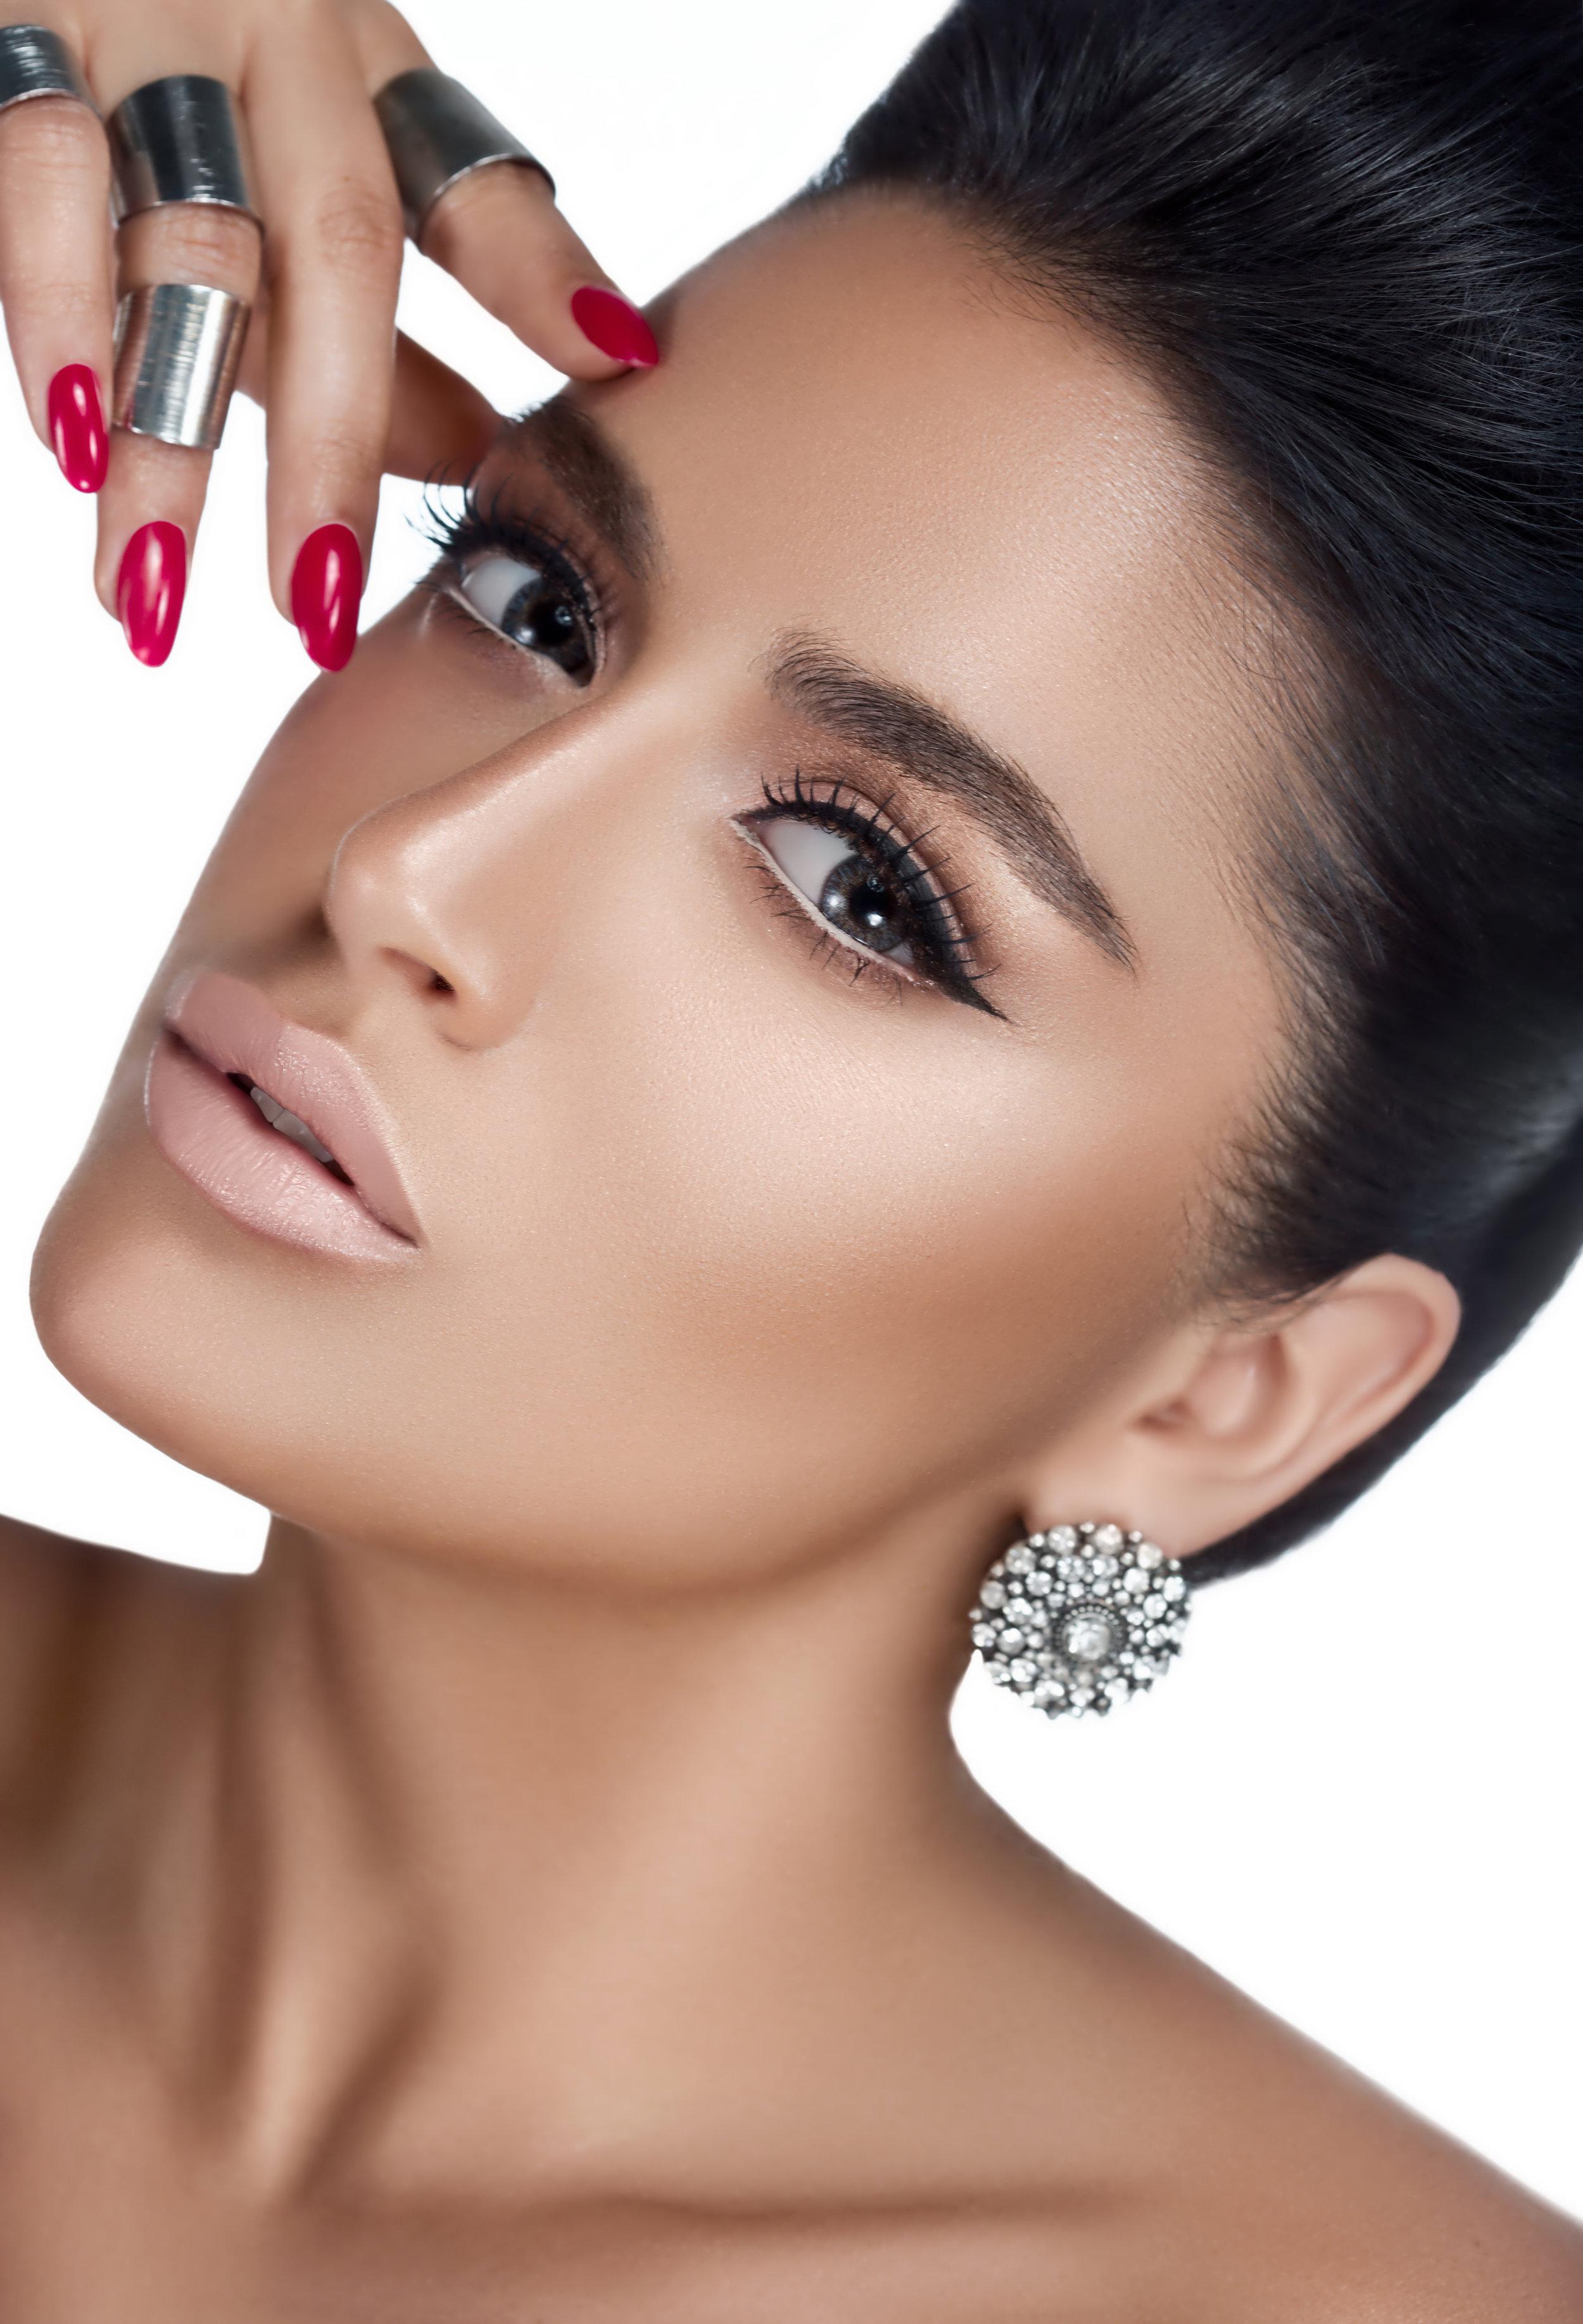 Model Citizen Magazine, Shay Kahzam, Fashion Inclusion. Now, Macky Suson, Model Citizen App, Model Citizen Media, Nosus.co, Amyck.co6.jpg